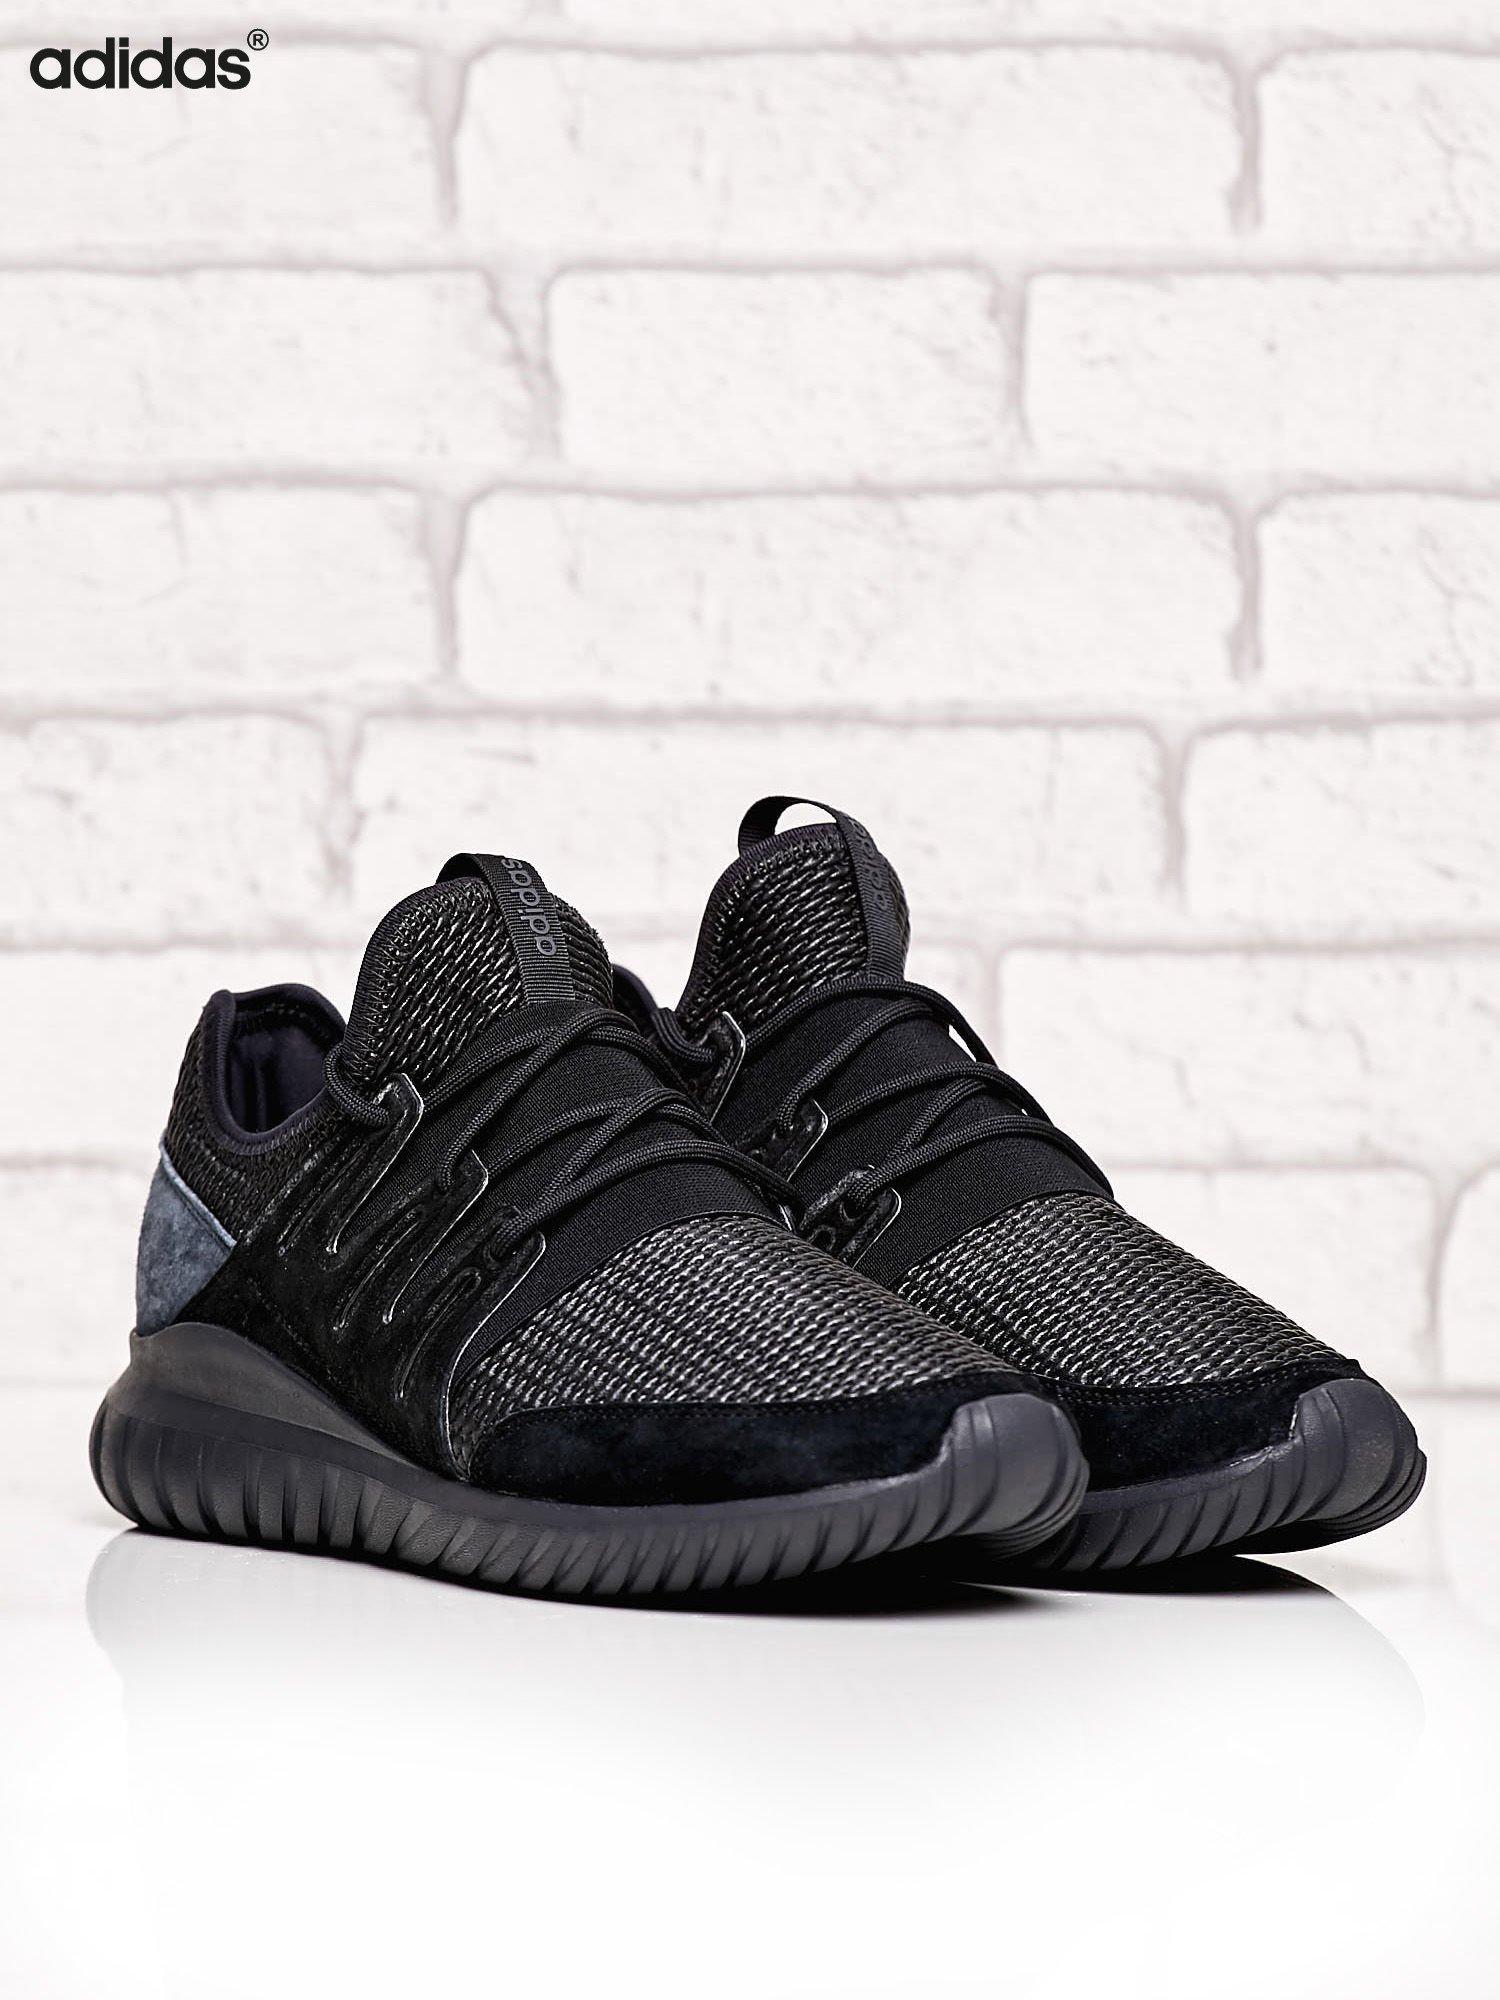 męskie buty adidas